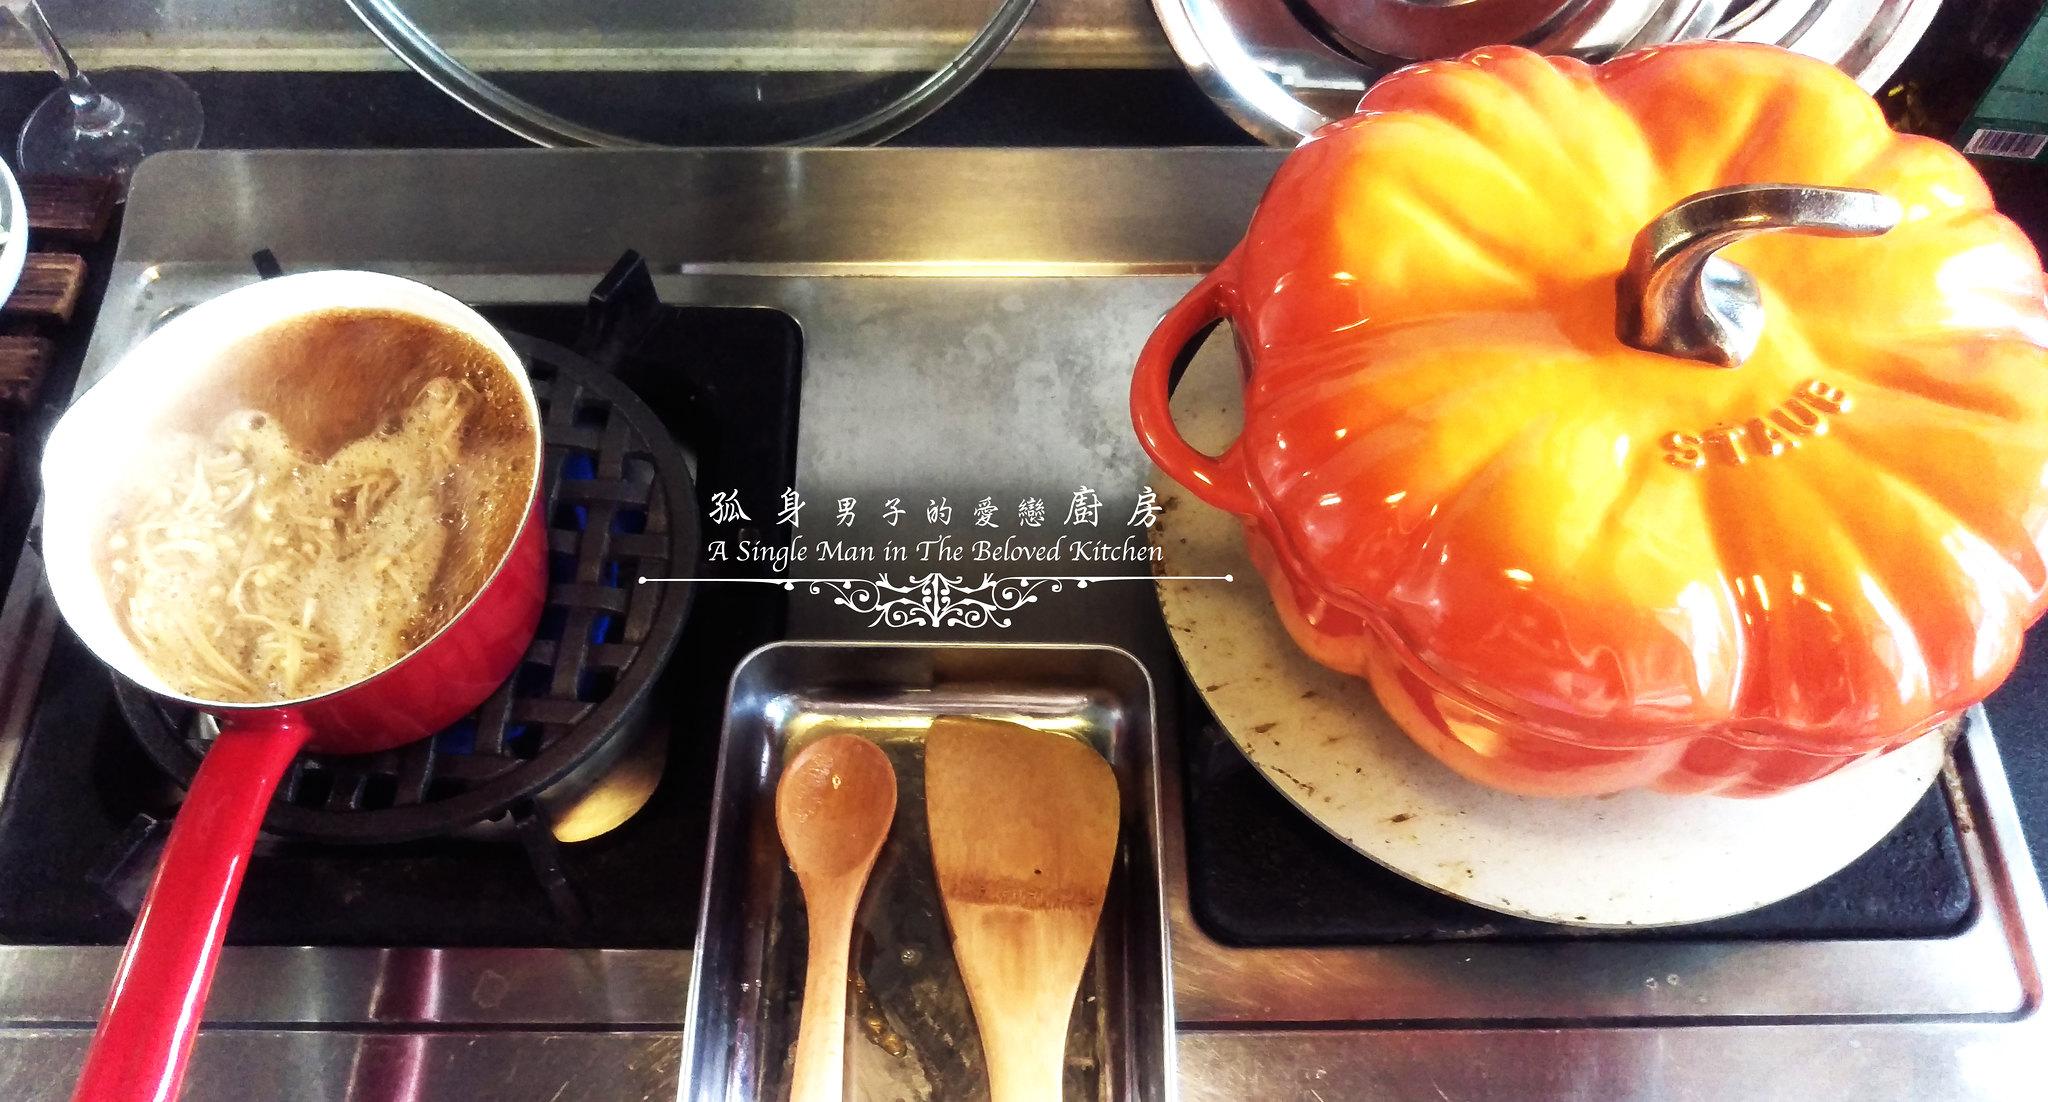 孤身廚房-食譜書《常備菜》試作——筑前煮、醬煮金針菇。甜滋滋溫暖和風味17